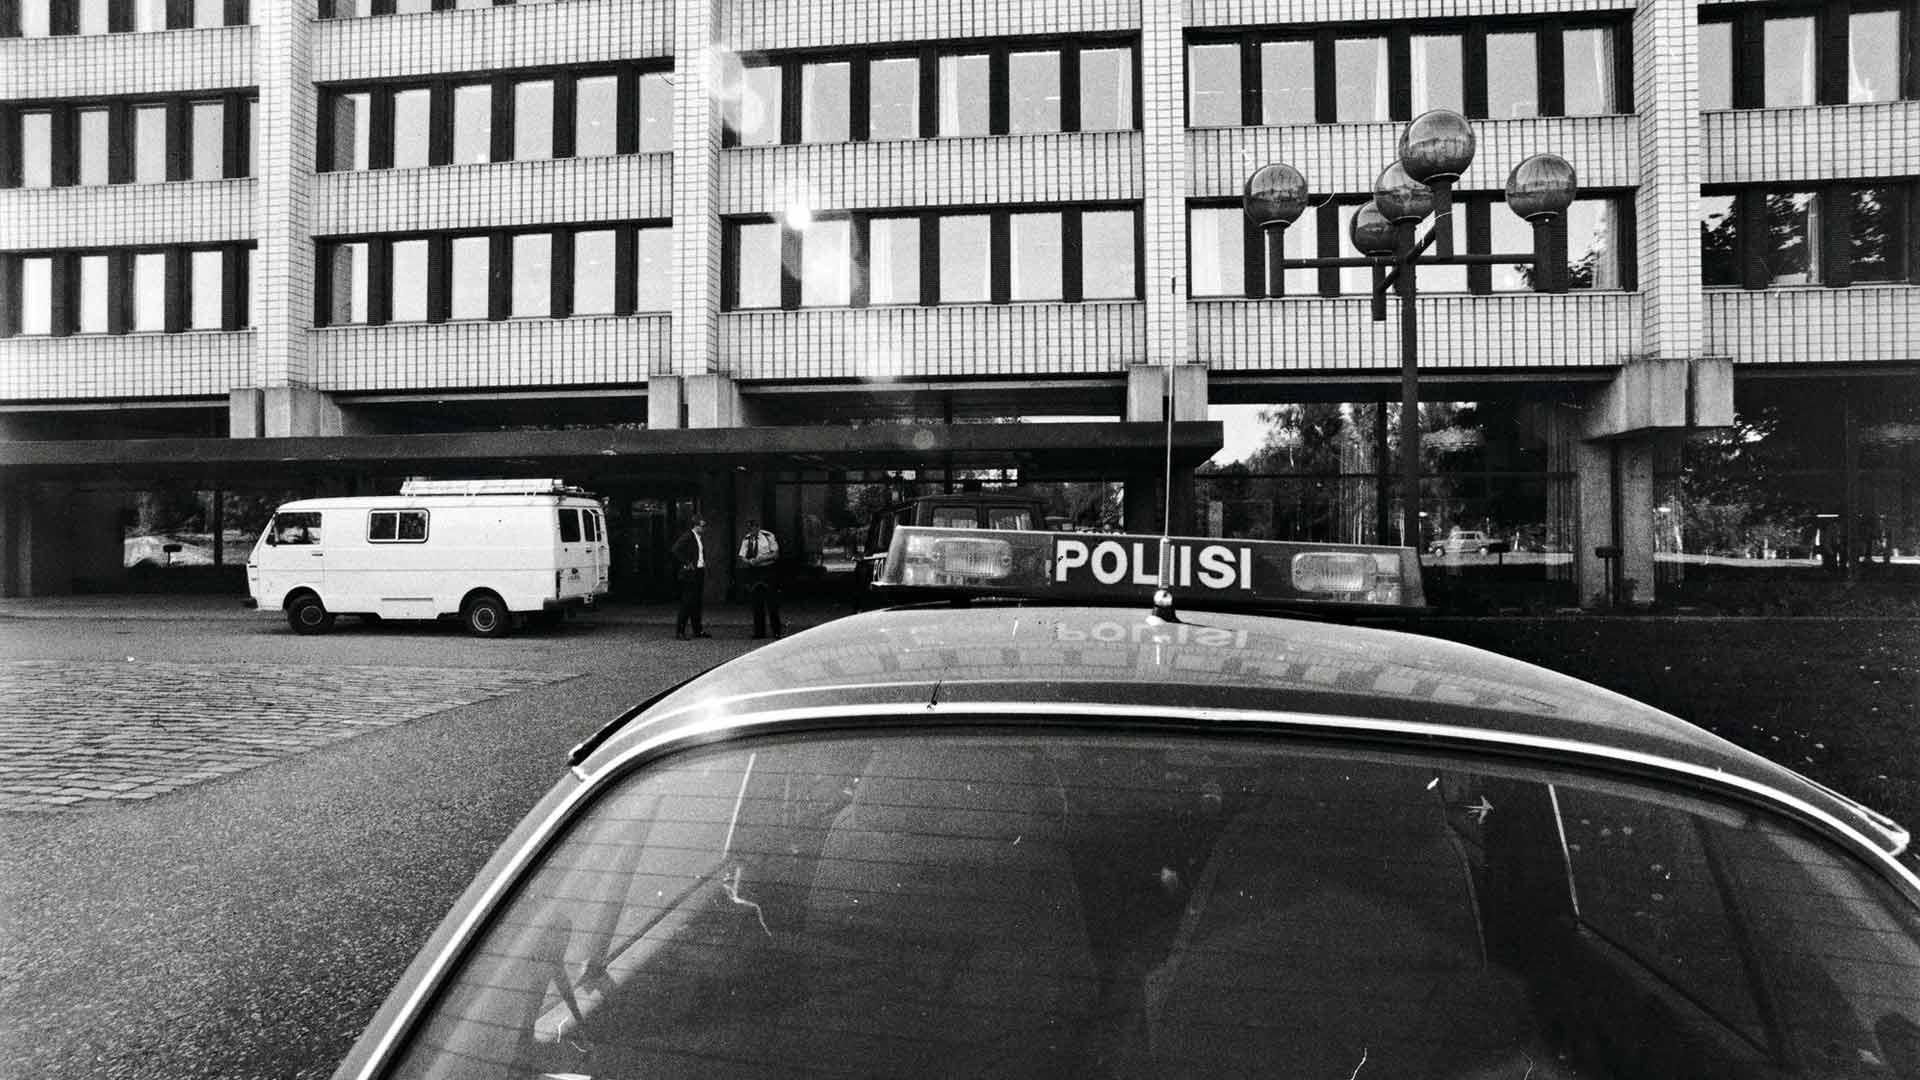 Yleisradion hallintorakennus sijaitsi 80-luvulla vielä Töölön Kesäkatu 2:ssa. Kirjepommi räjähti rakennuksen seitsemännessä kerroksessa pääjohtajan toimiston viereisessä huoneessa.